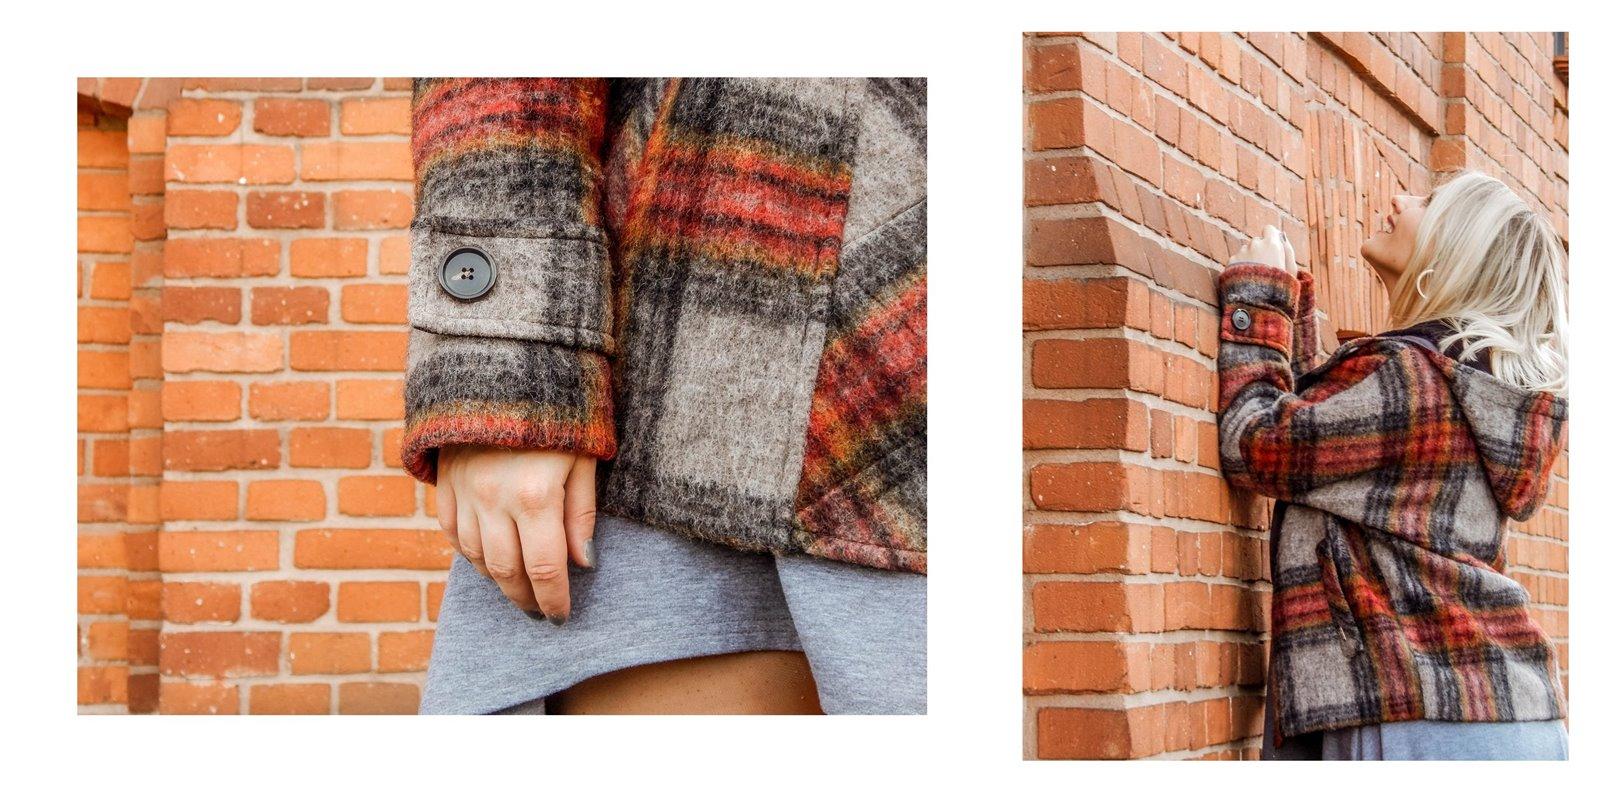 10a płaszcz - ubranie, moda polska, hot moda, moda damska jesień 2018, moda for you, net moda, blog, blogerki fashion łódź anataka kurtka w kratkę ciepła kurtka stylizacje w co się ubrać eleganckie kurtki blondynka